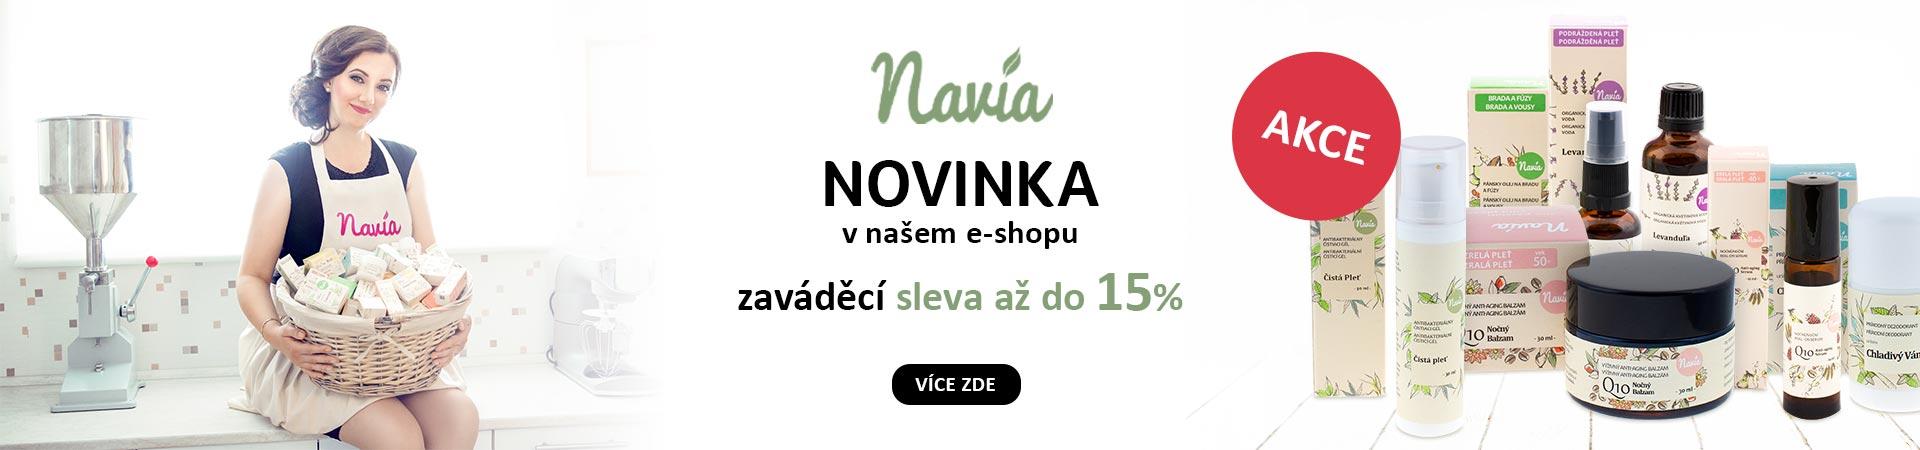 15% Sleva na celou značku Navia do 30.06.2019